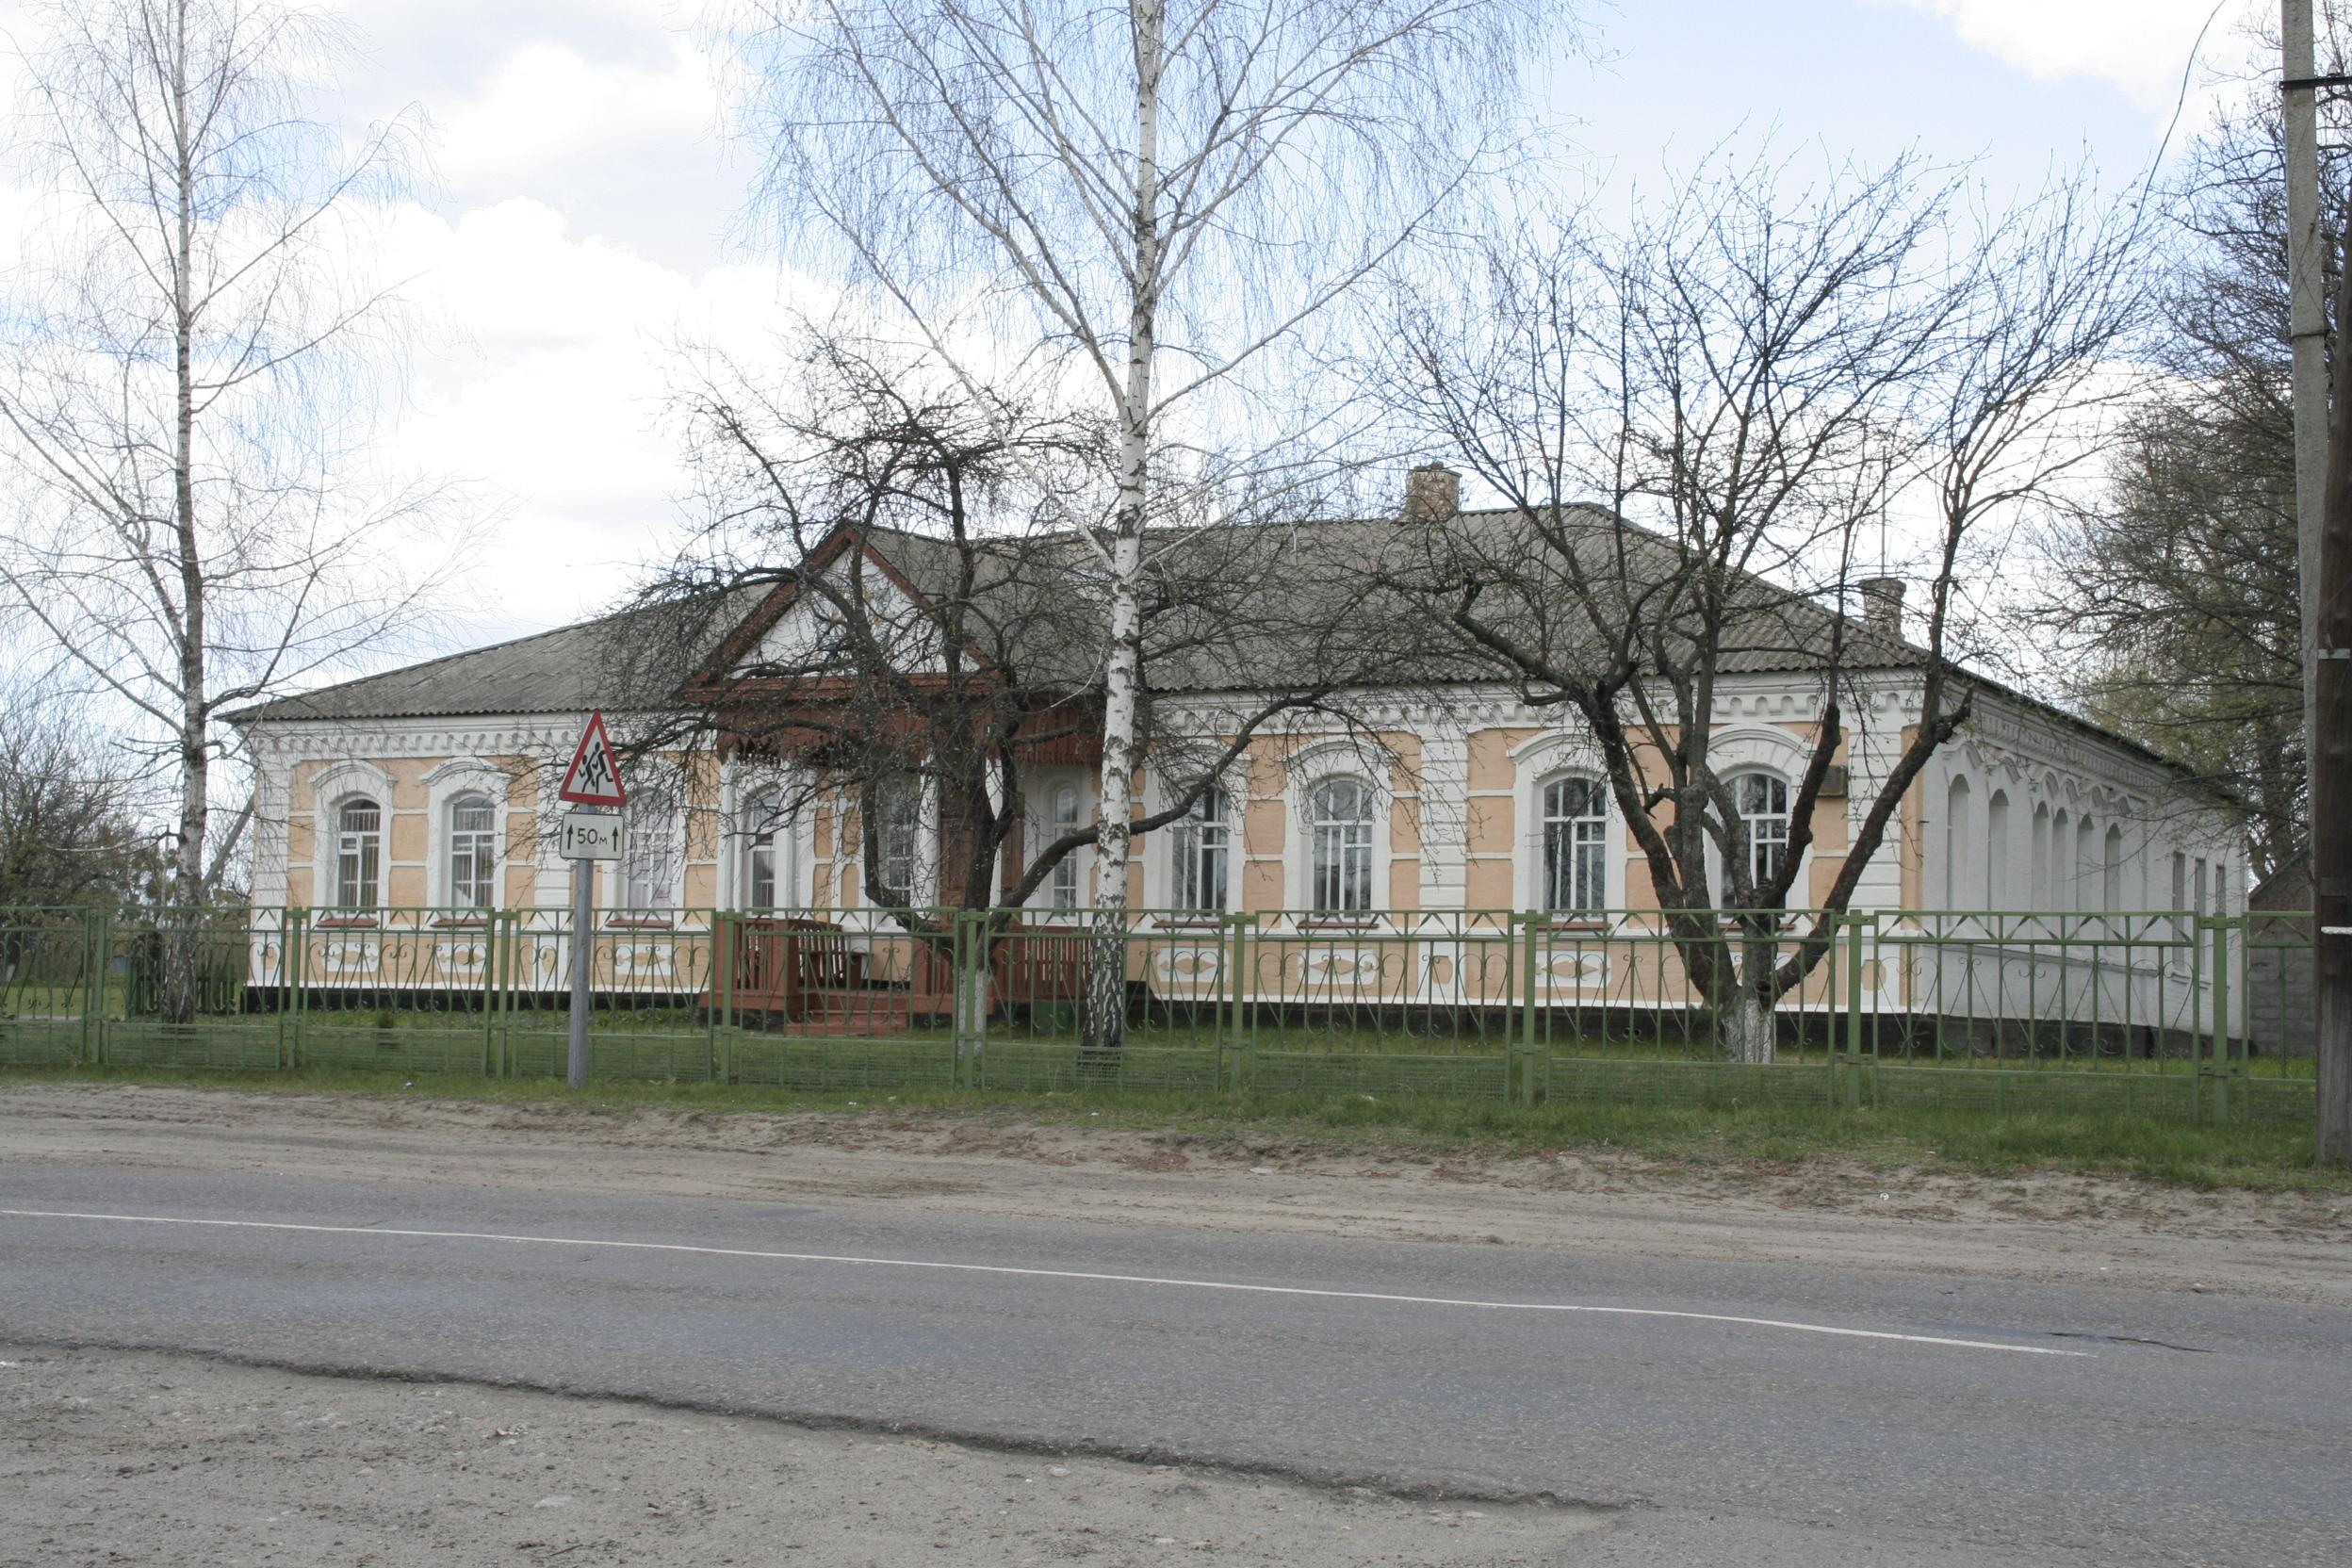 Досвід діяльності закладів позашкільної освіти Черкащини на виконання Стратегії розвитку інформаційного суспільства в Україні